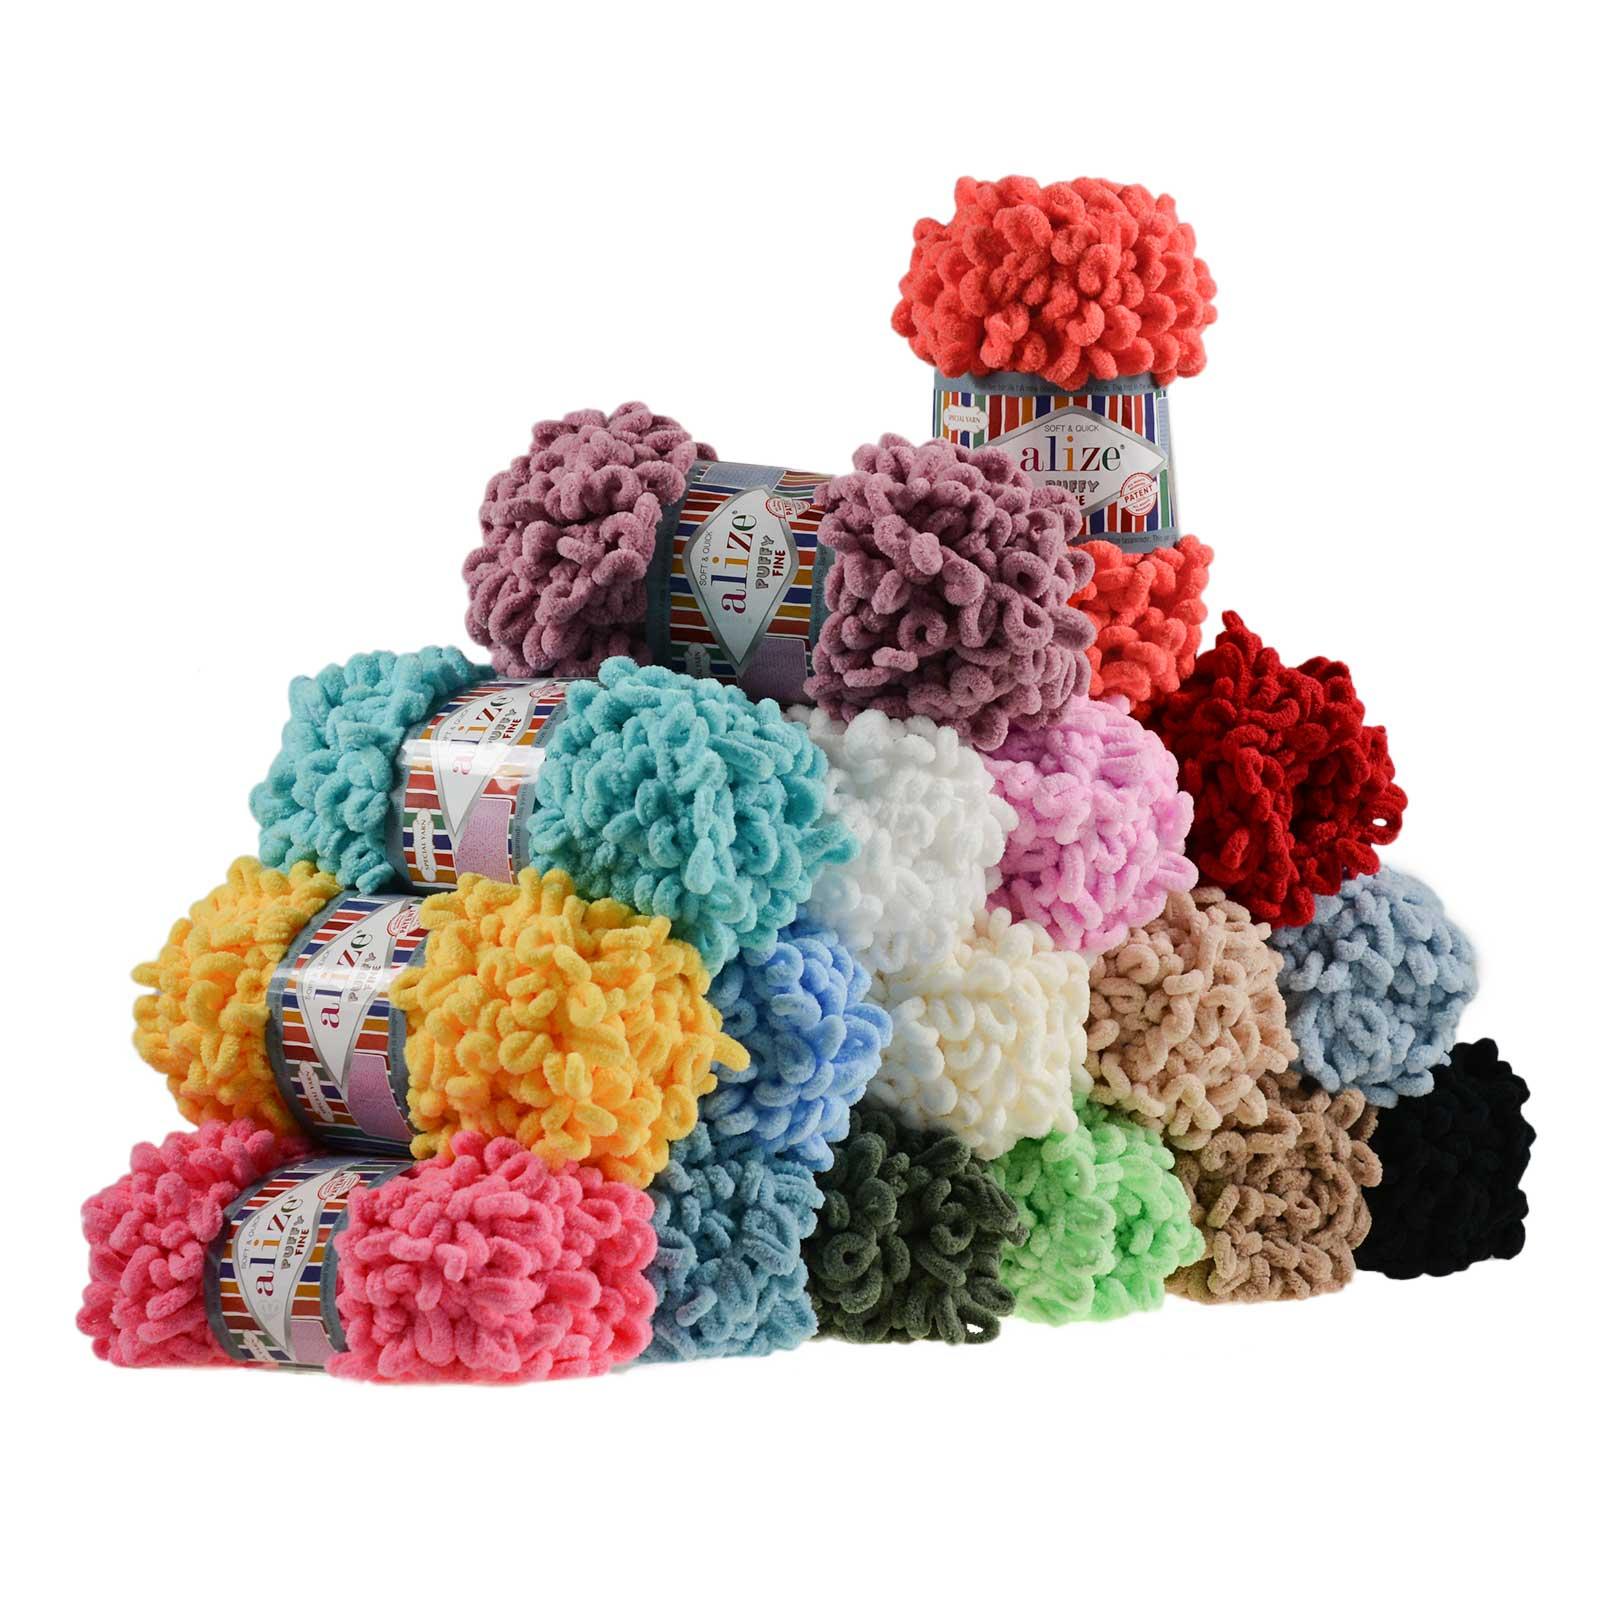 500g Strickgarn ALIZE Puffy Fine Uni, stricken ohne Nadeln auch für Anfänger geeignet – Bild 1